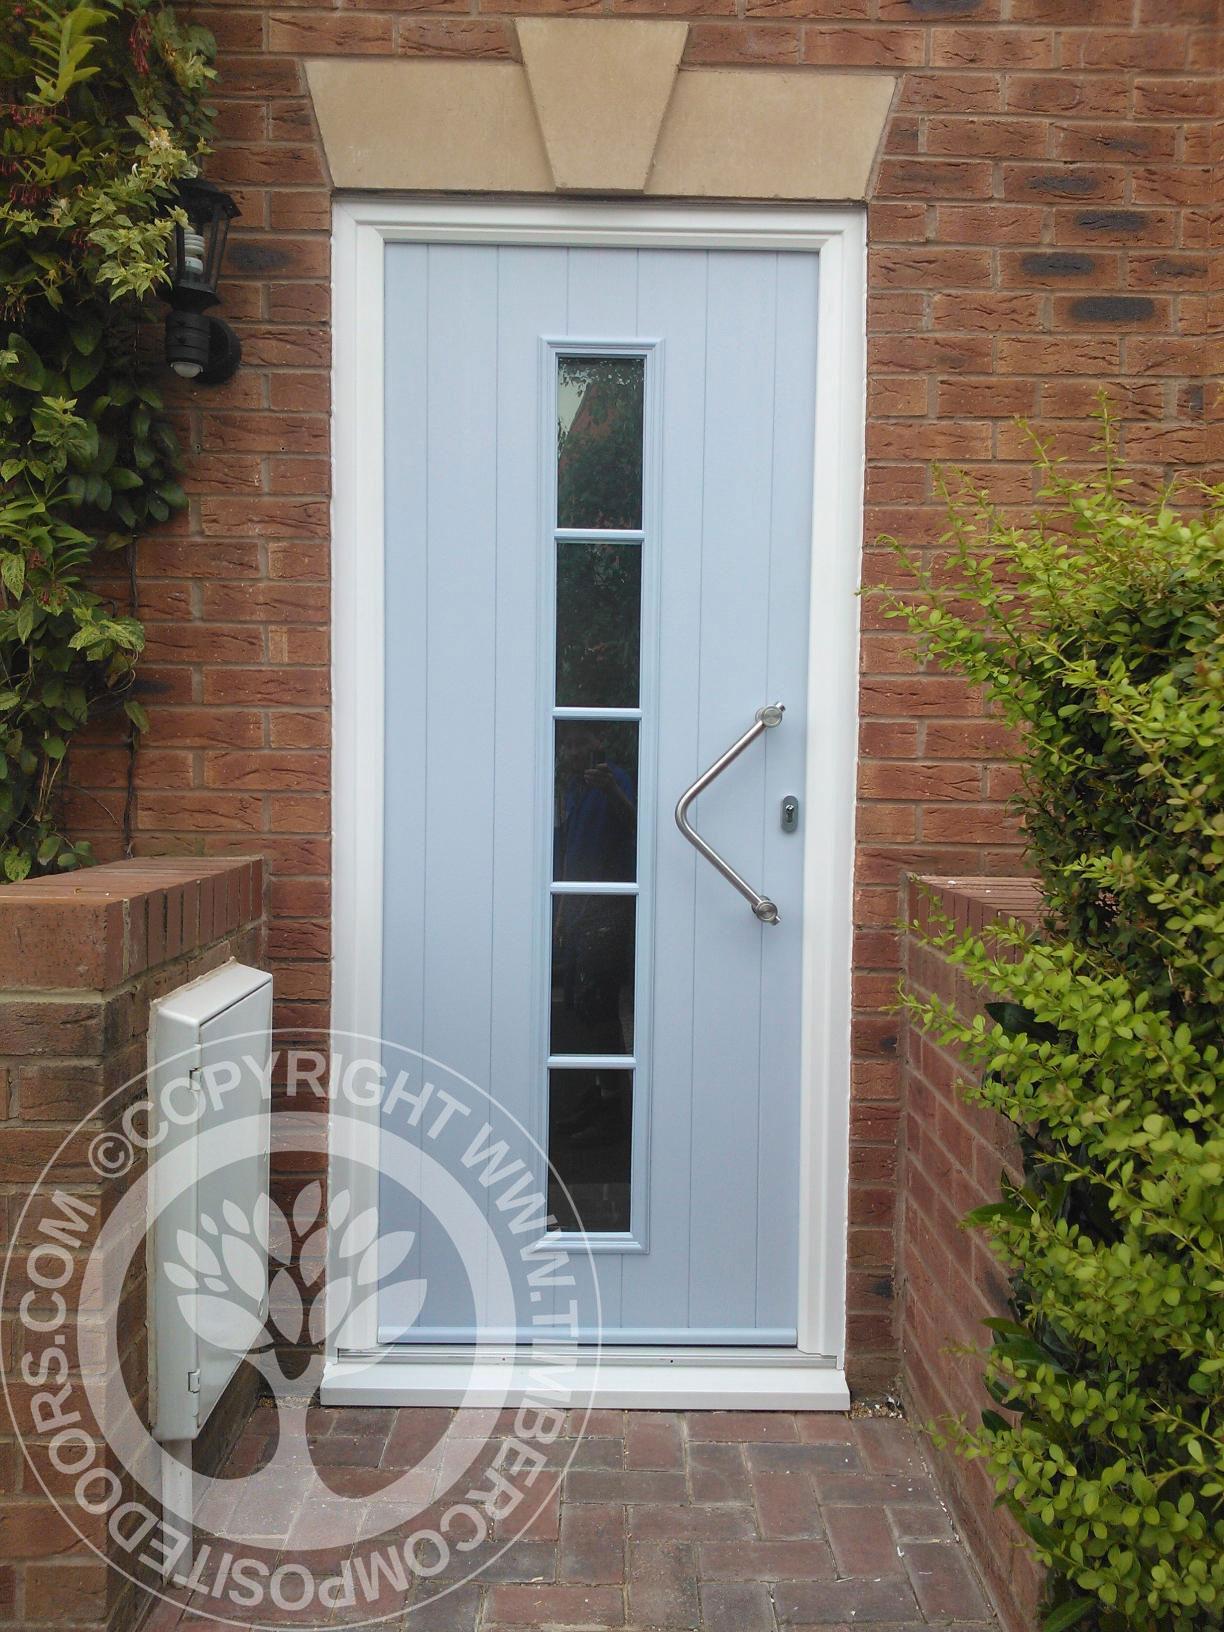 Solidor Florence Timber Composite Door